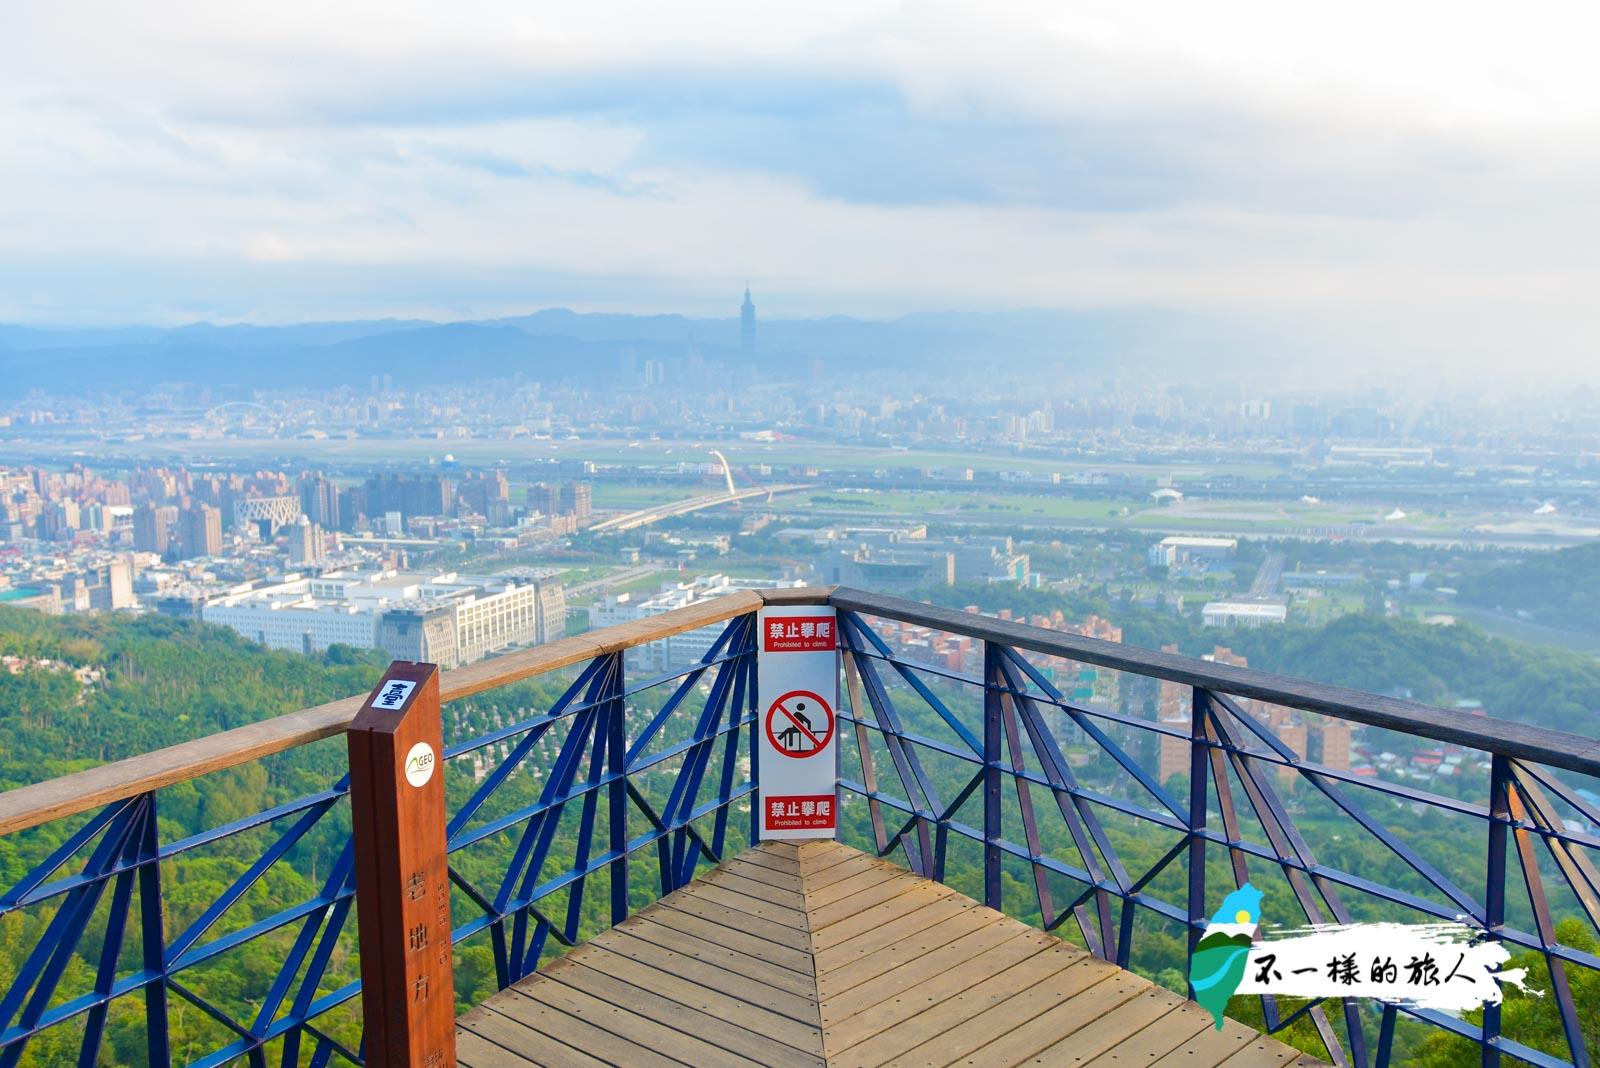 劍潭山親山步道、老地方觀景平台